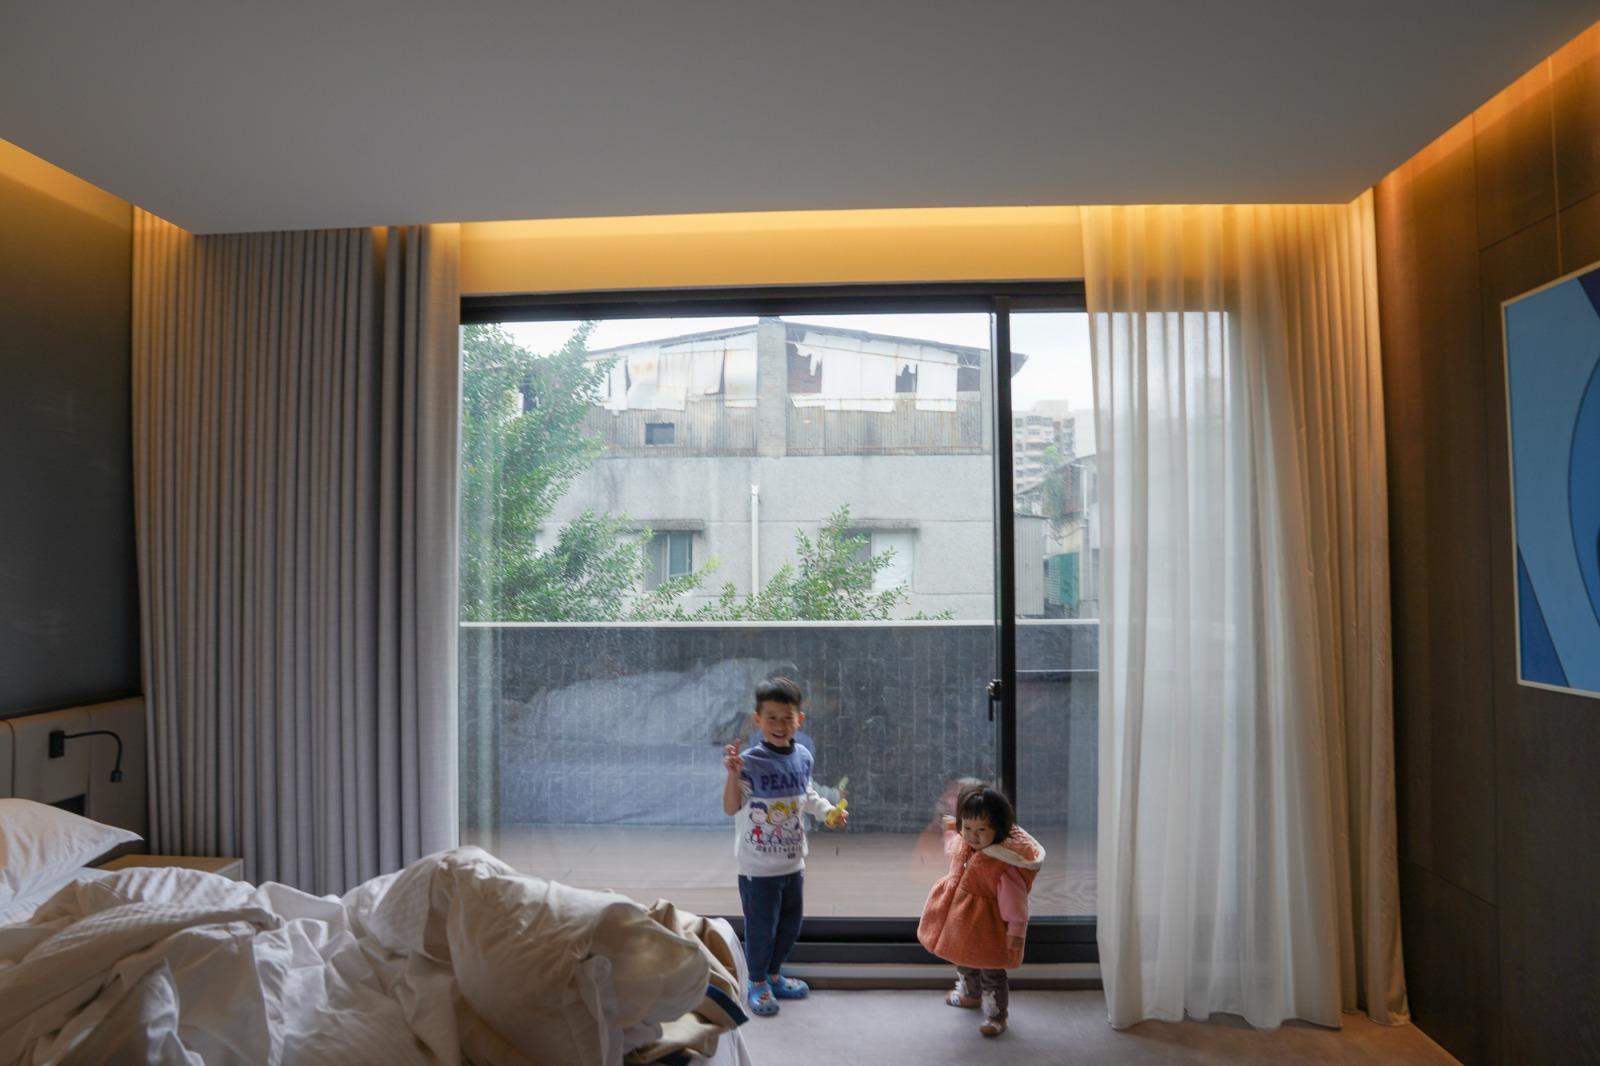 南京復興站住宿》甲山林湯旅,隱身於台北中山區的日式溫泉湯屋,適合想泡湯又不想走太遠的旅人